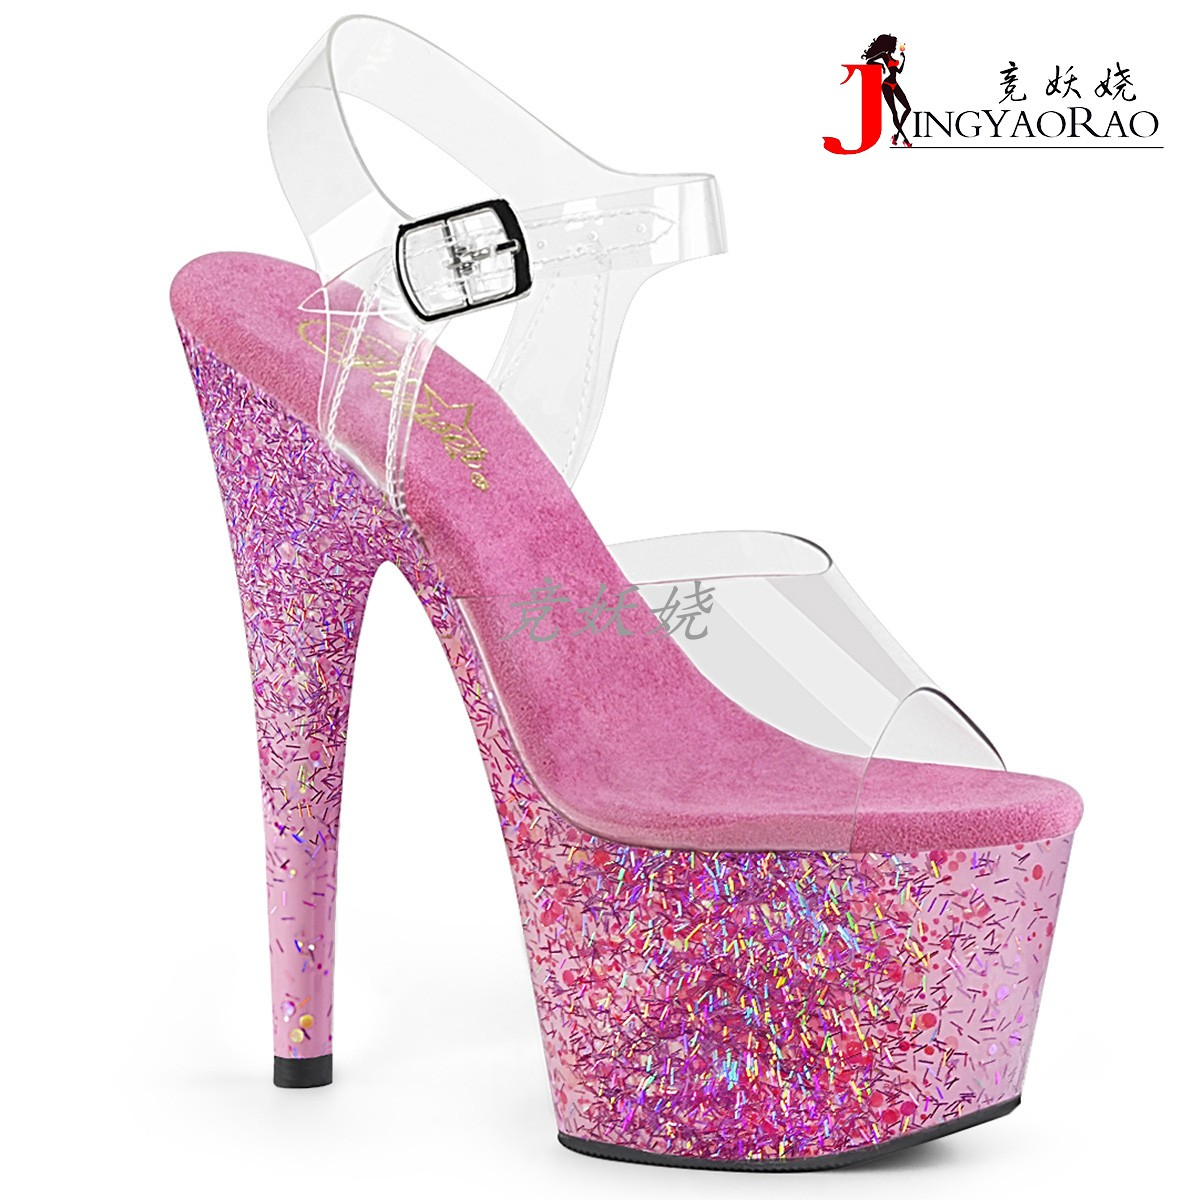 粉红色鱼嘴鞋 美国Pleaser17.8cm粉红色闪光装饰片防水台高跟凉鞋钢管舞露趾鞋_推荐淘宝好看的粉红色鱼嘴鞋